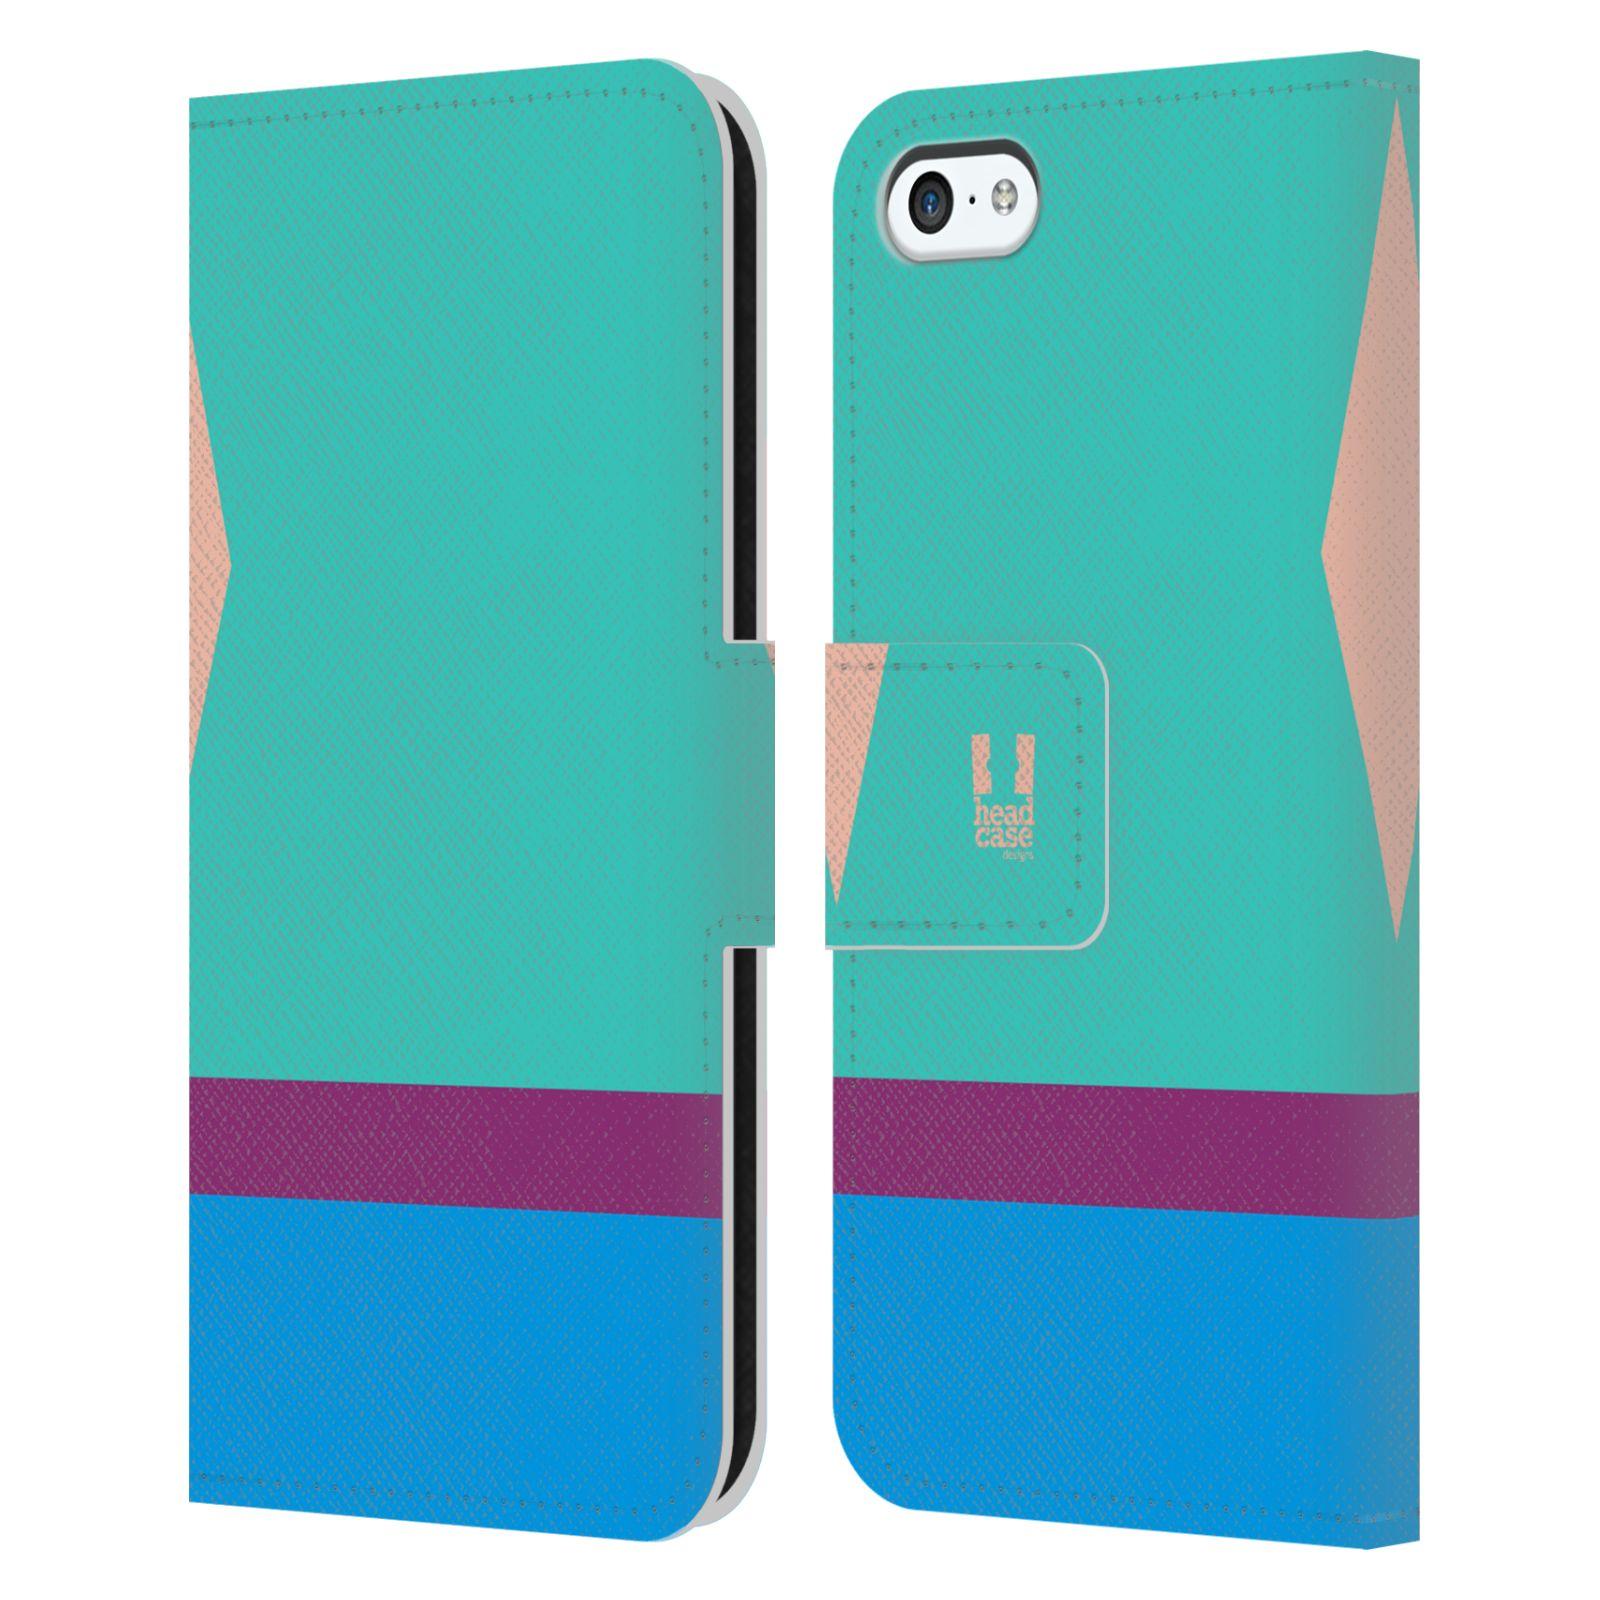 HEAD CASE Flipové pouzdro pro mobil Apple Iphone 5C barevné tvary modrá a fialový pruh